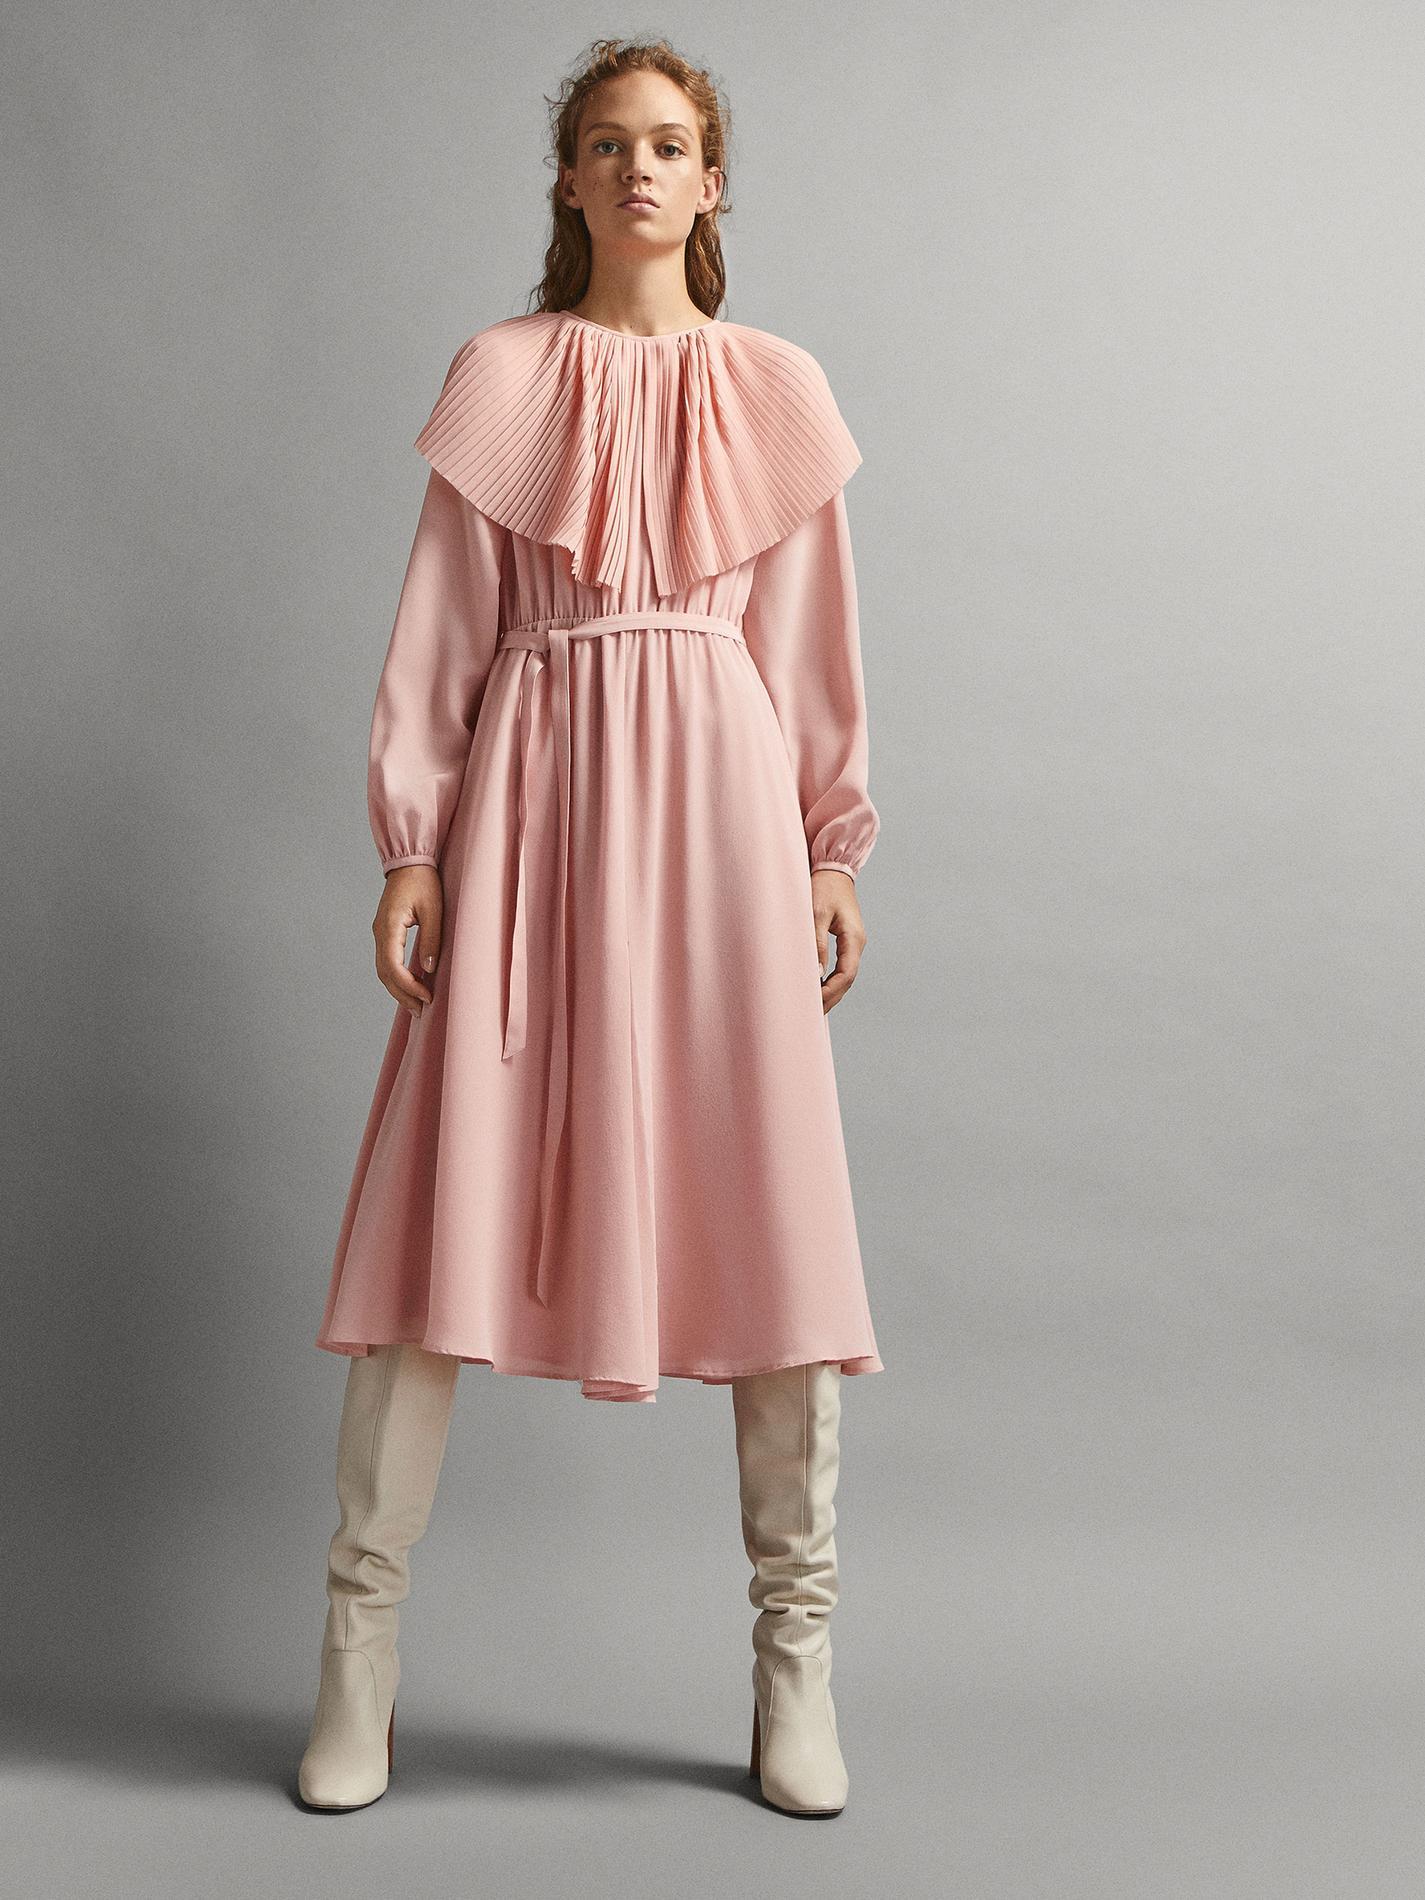 a4fd8b2a01fc4 Comment s habiller quand on est invitée à un mariage en hiver ...